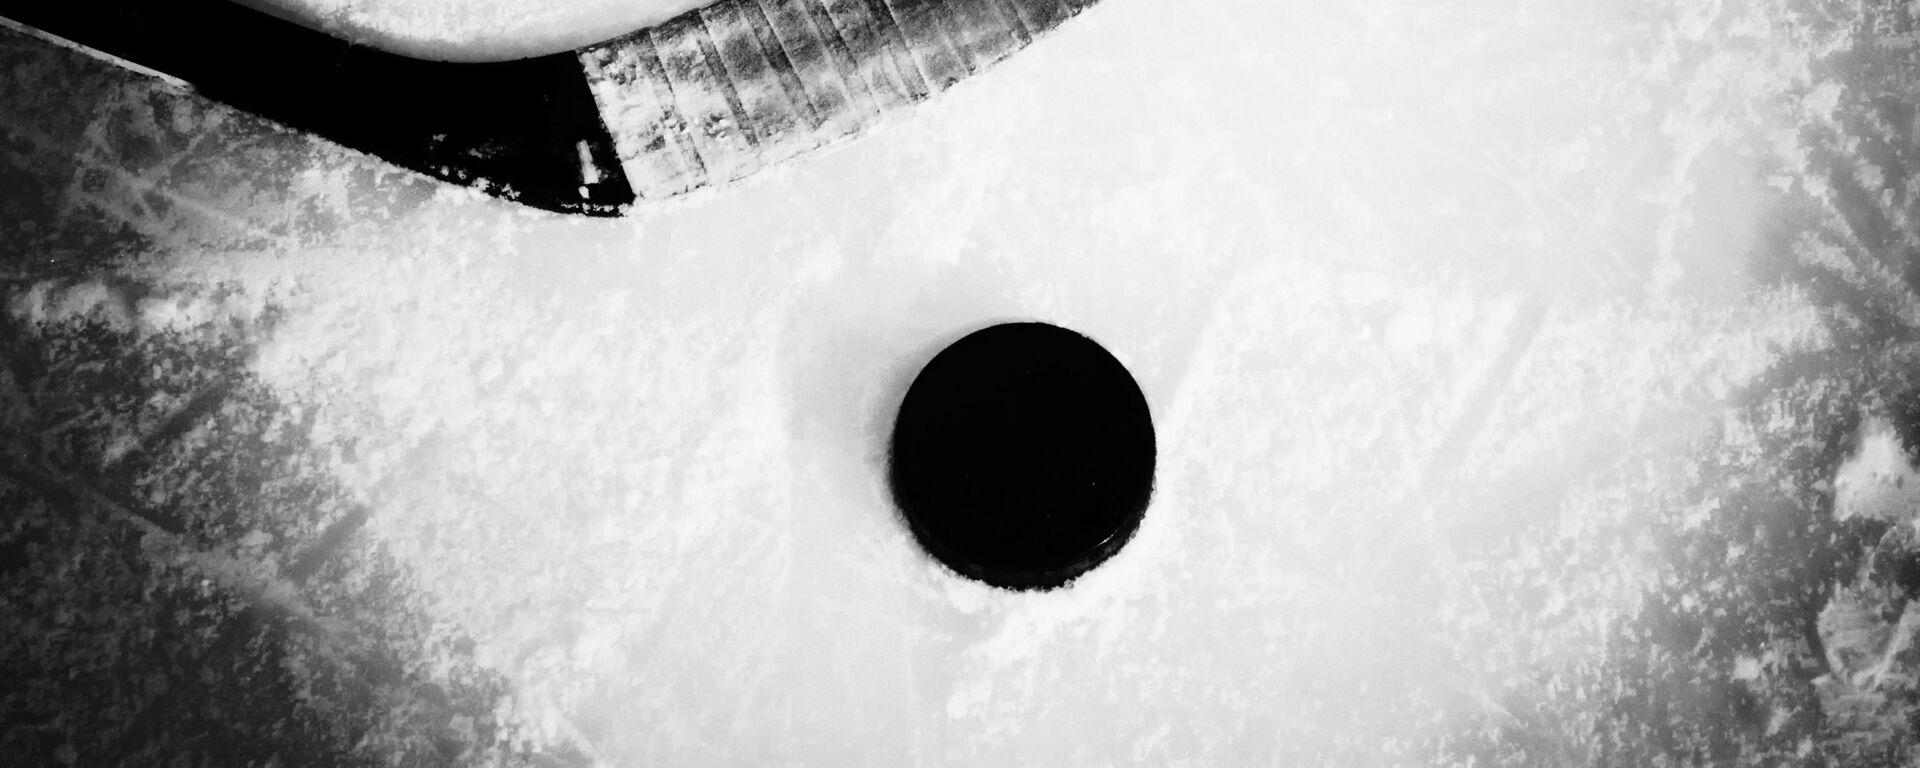 Symboly hokeje. Ilustrační foto - Sputnik Česká republika, 1920, 27.05.2021